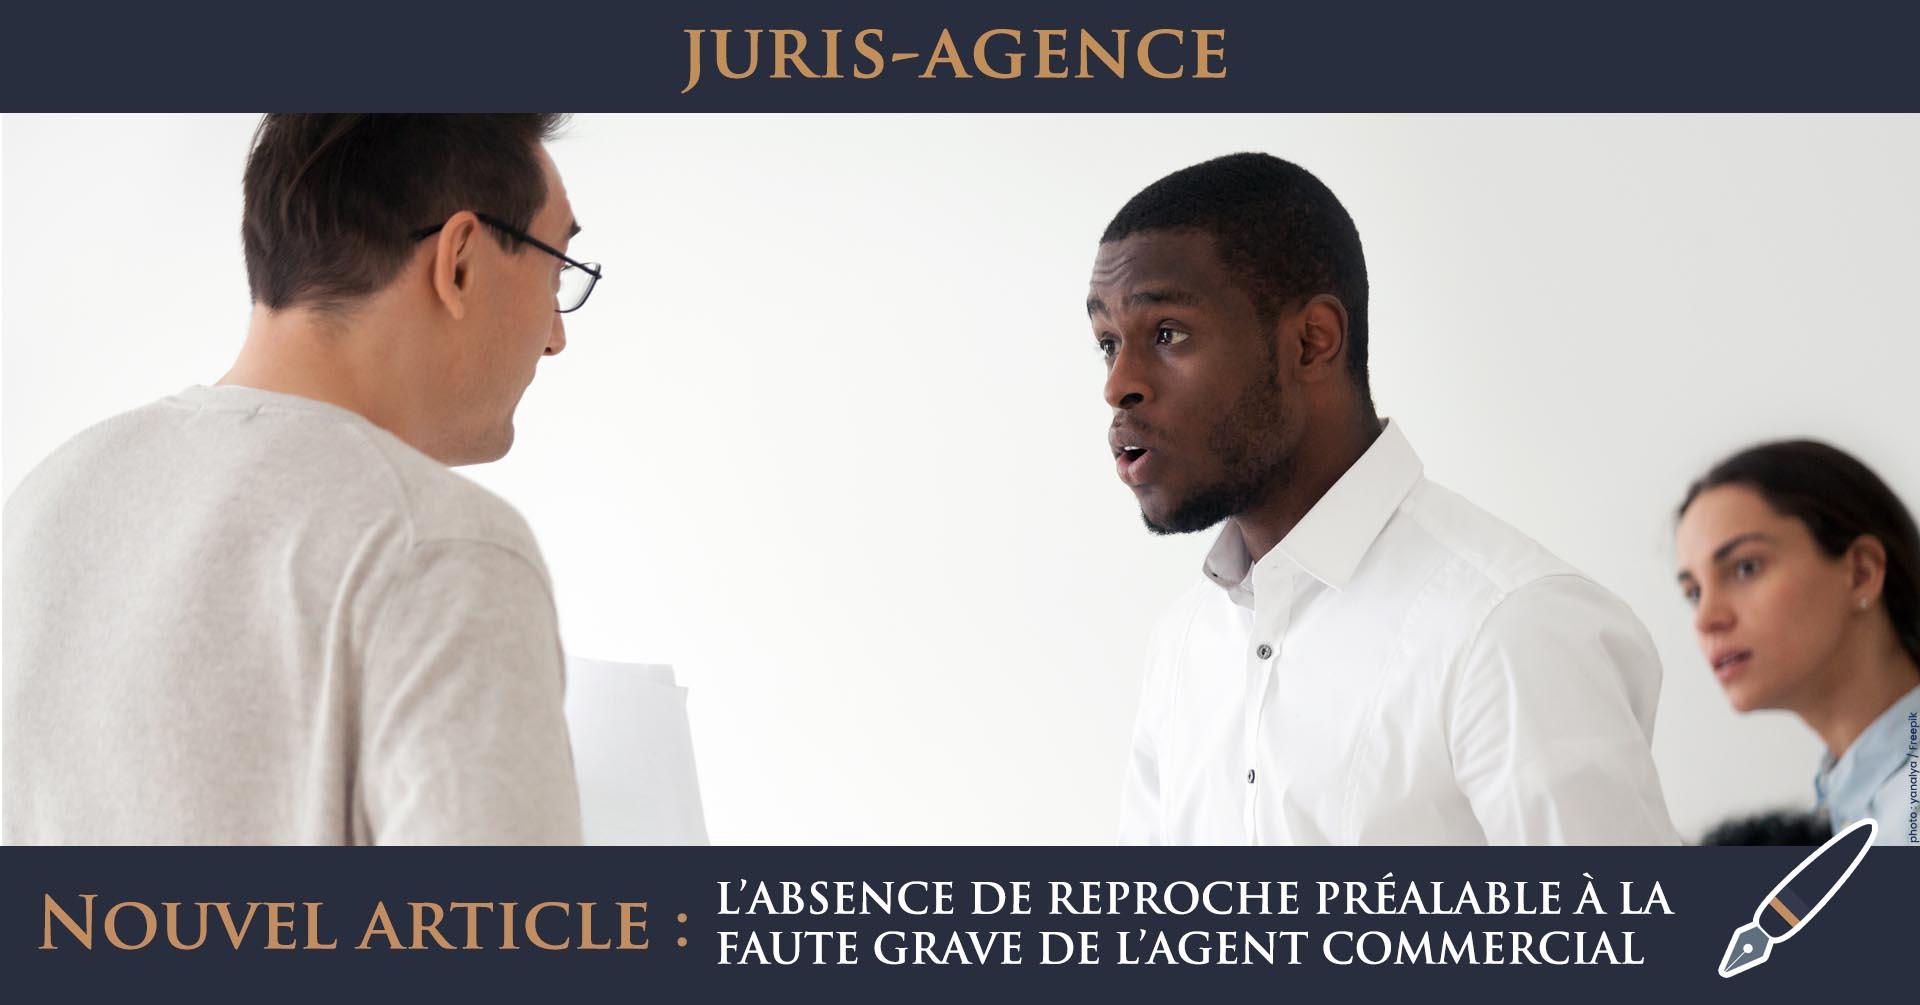 reproche faute grave agent commercial